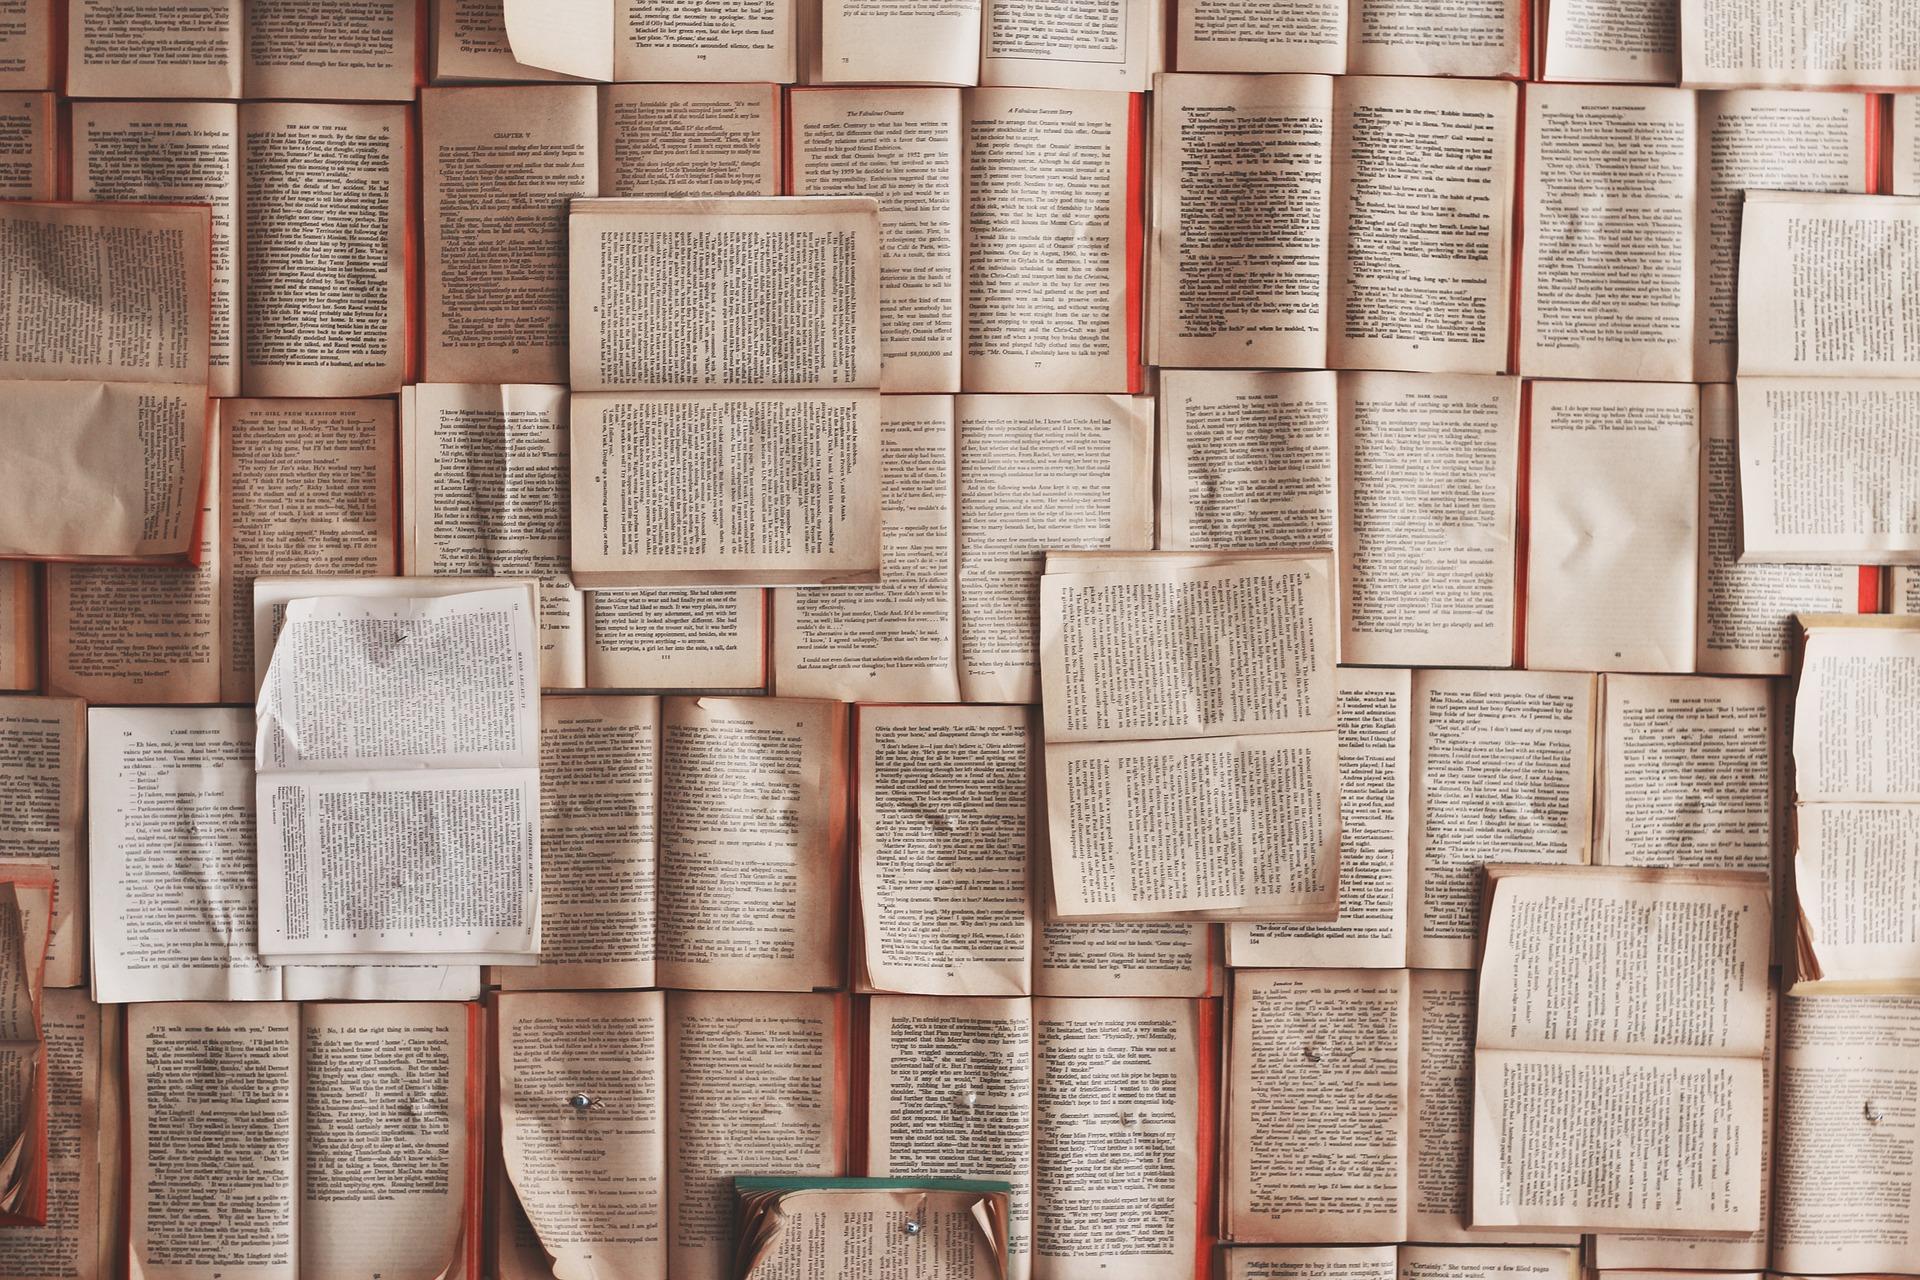 Mejores libros para leer en verano - Juridiomas